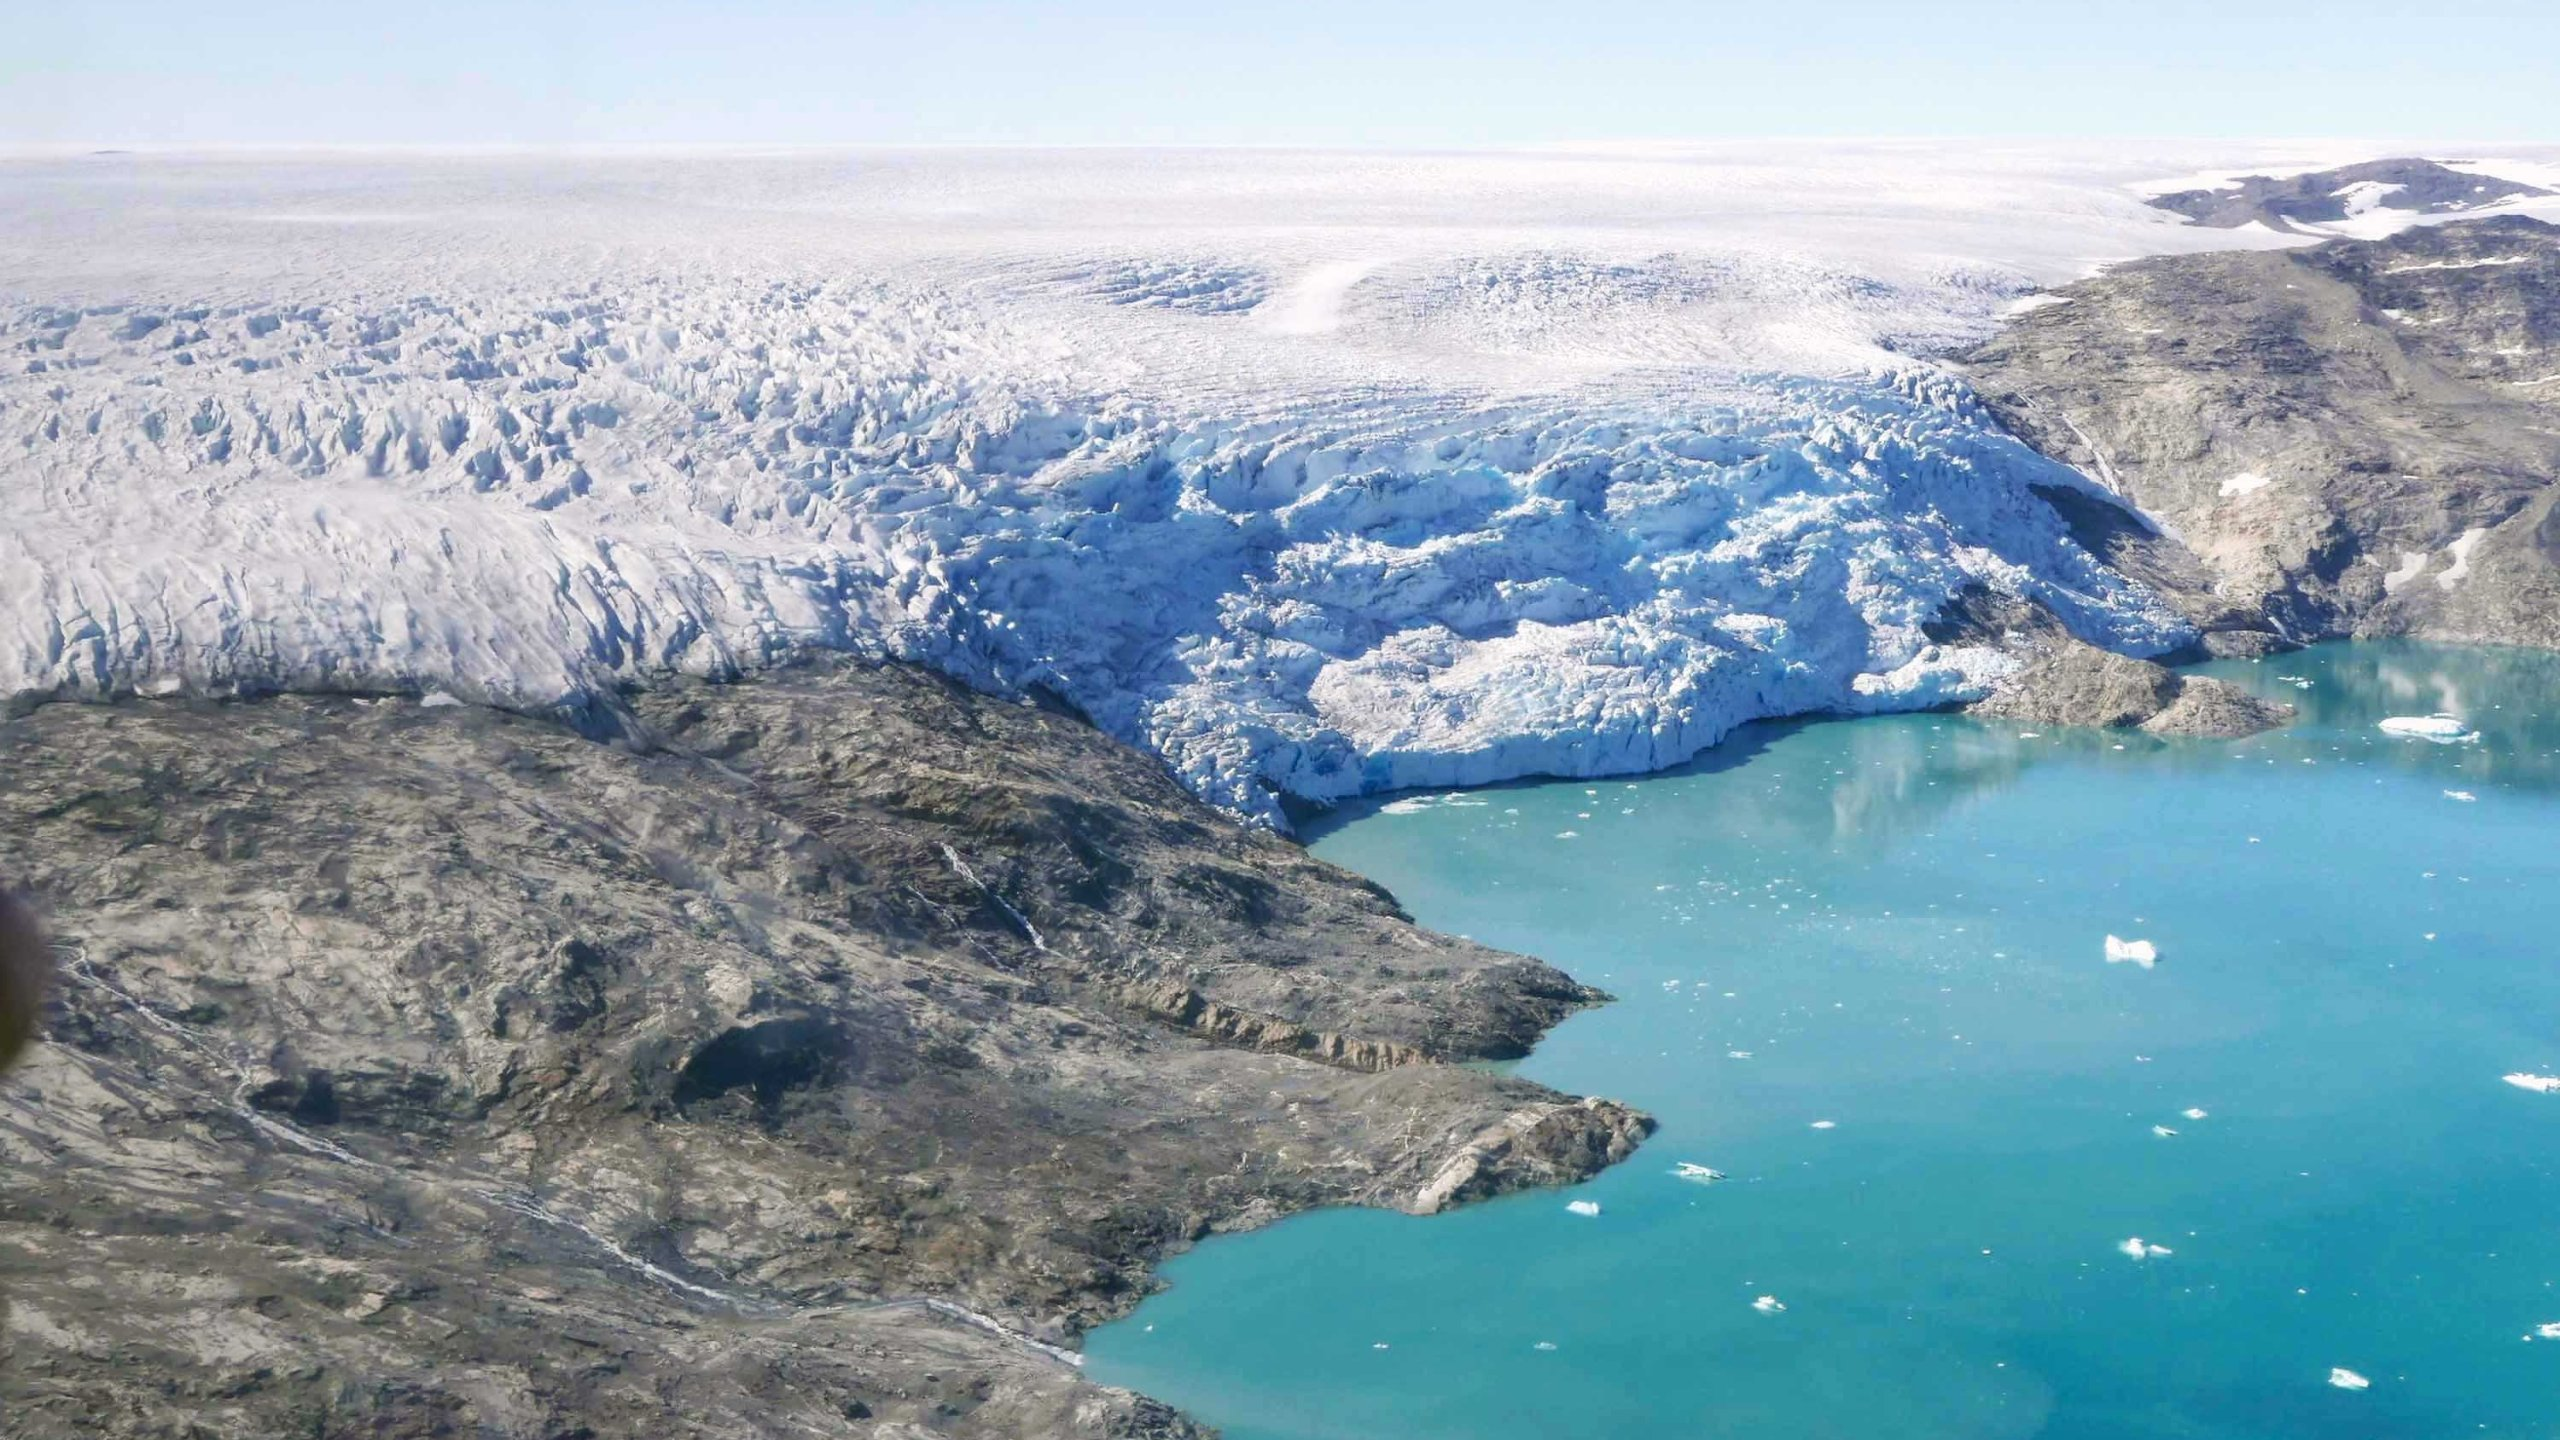 Ice flows from Helheim Glacier into Sermilik Fjord, in eastern Greenland. (Credit: Christian Steib/CNN)